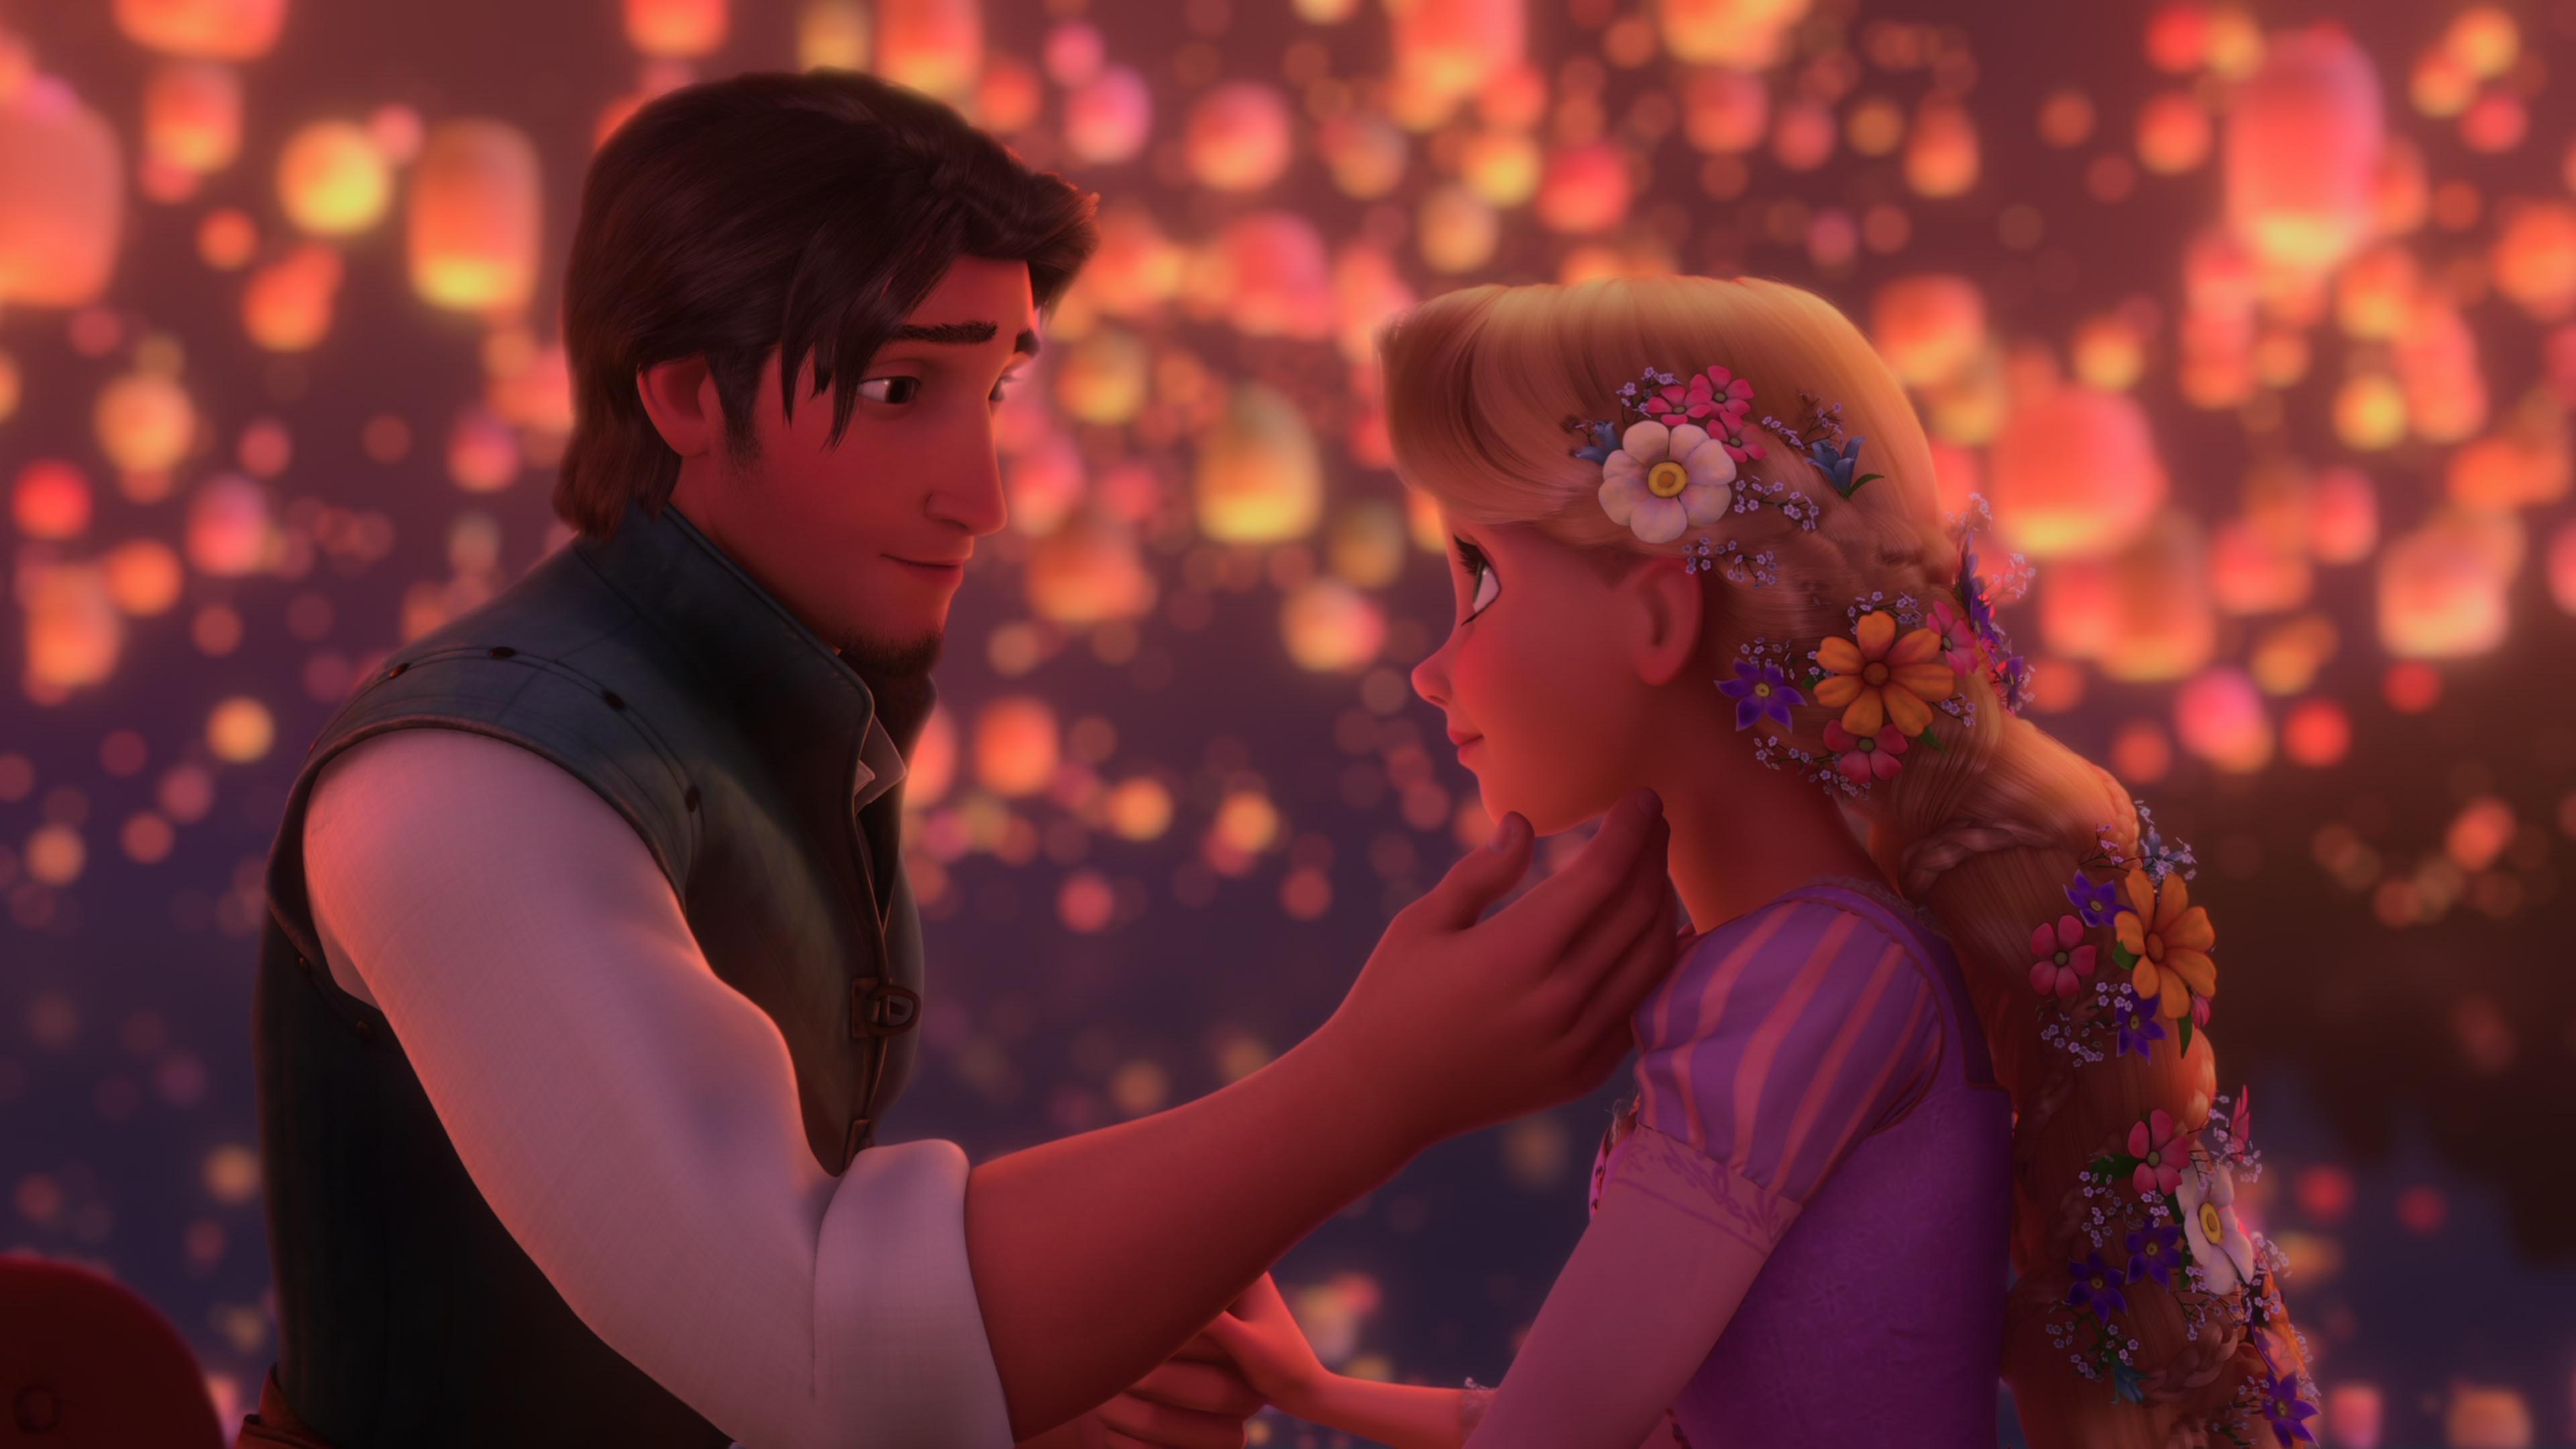 Rapunzel And Eugene Wallpaper Eugene And Rapunzel During i